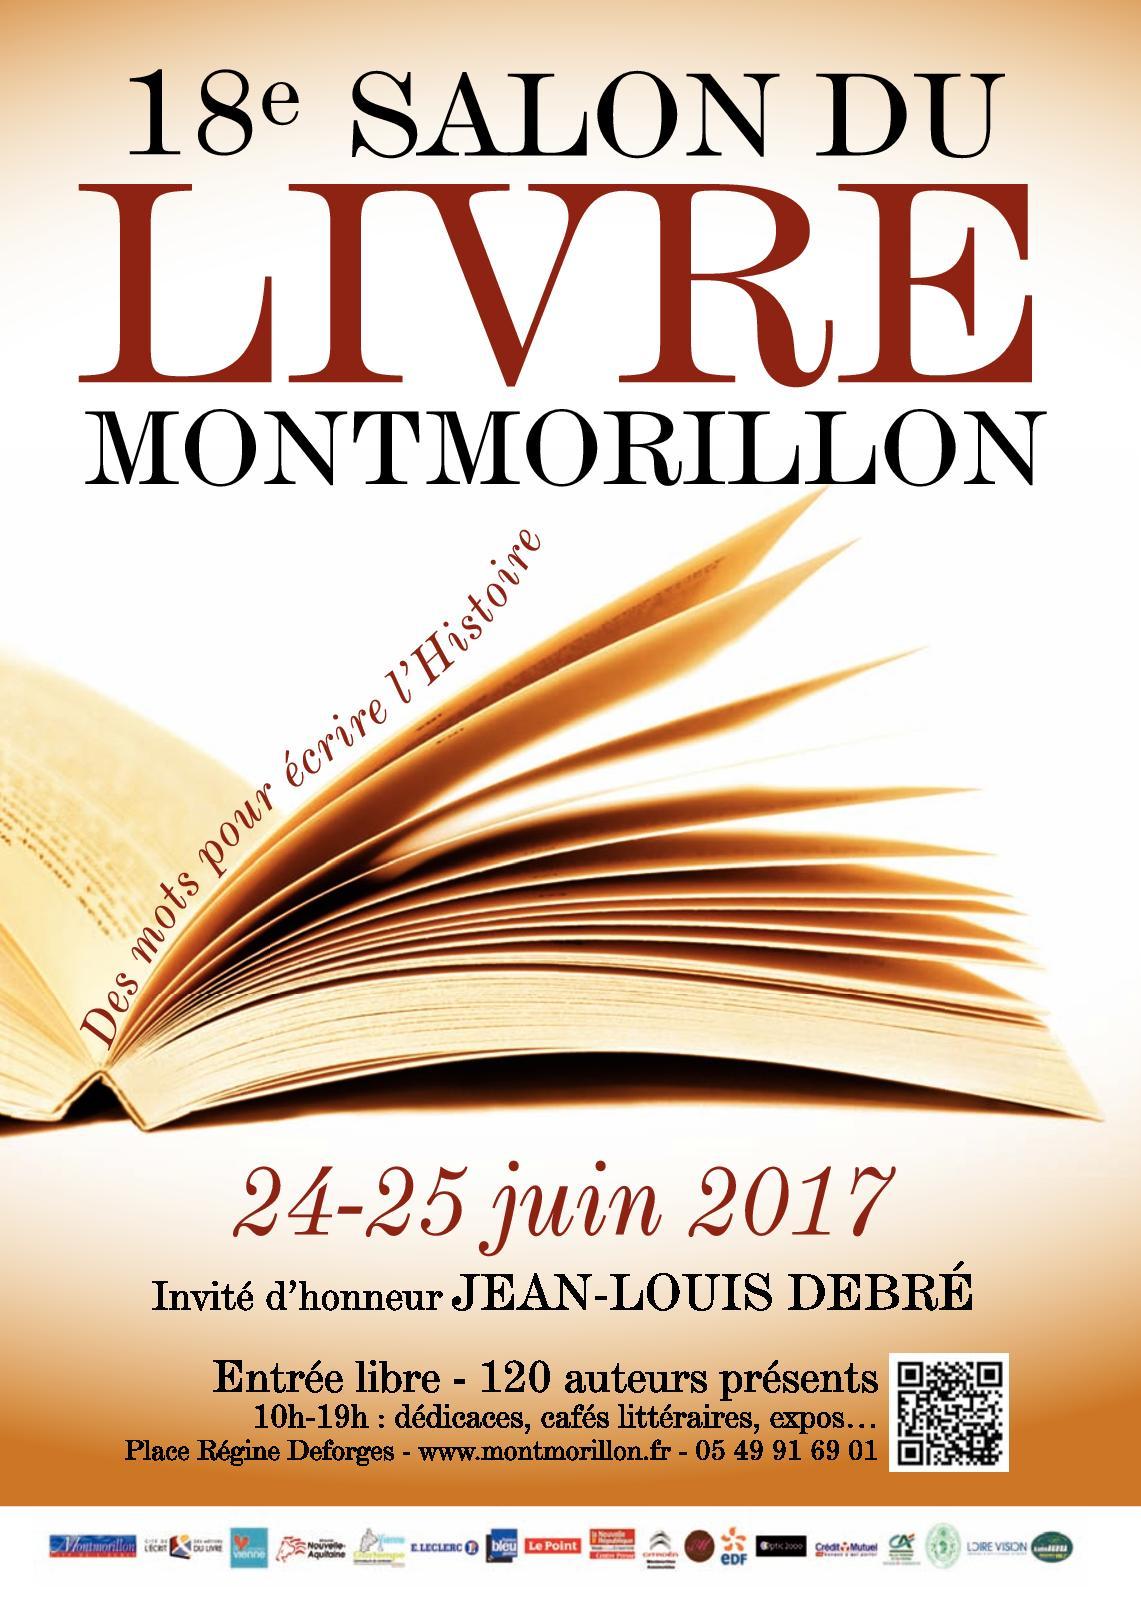 Le Temps Des Livres Montmorillon : temps, livres, montmorillon, Calaméo, SALON, LIVRE, MONTMORILLON